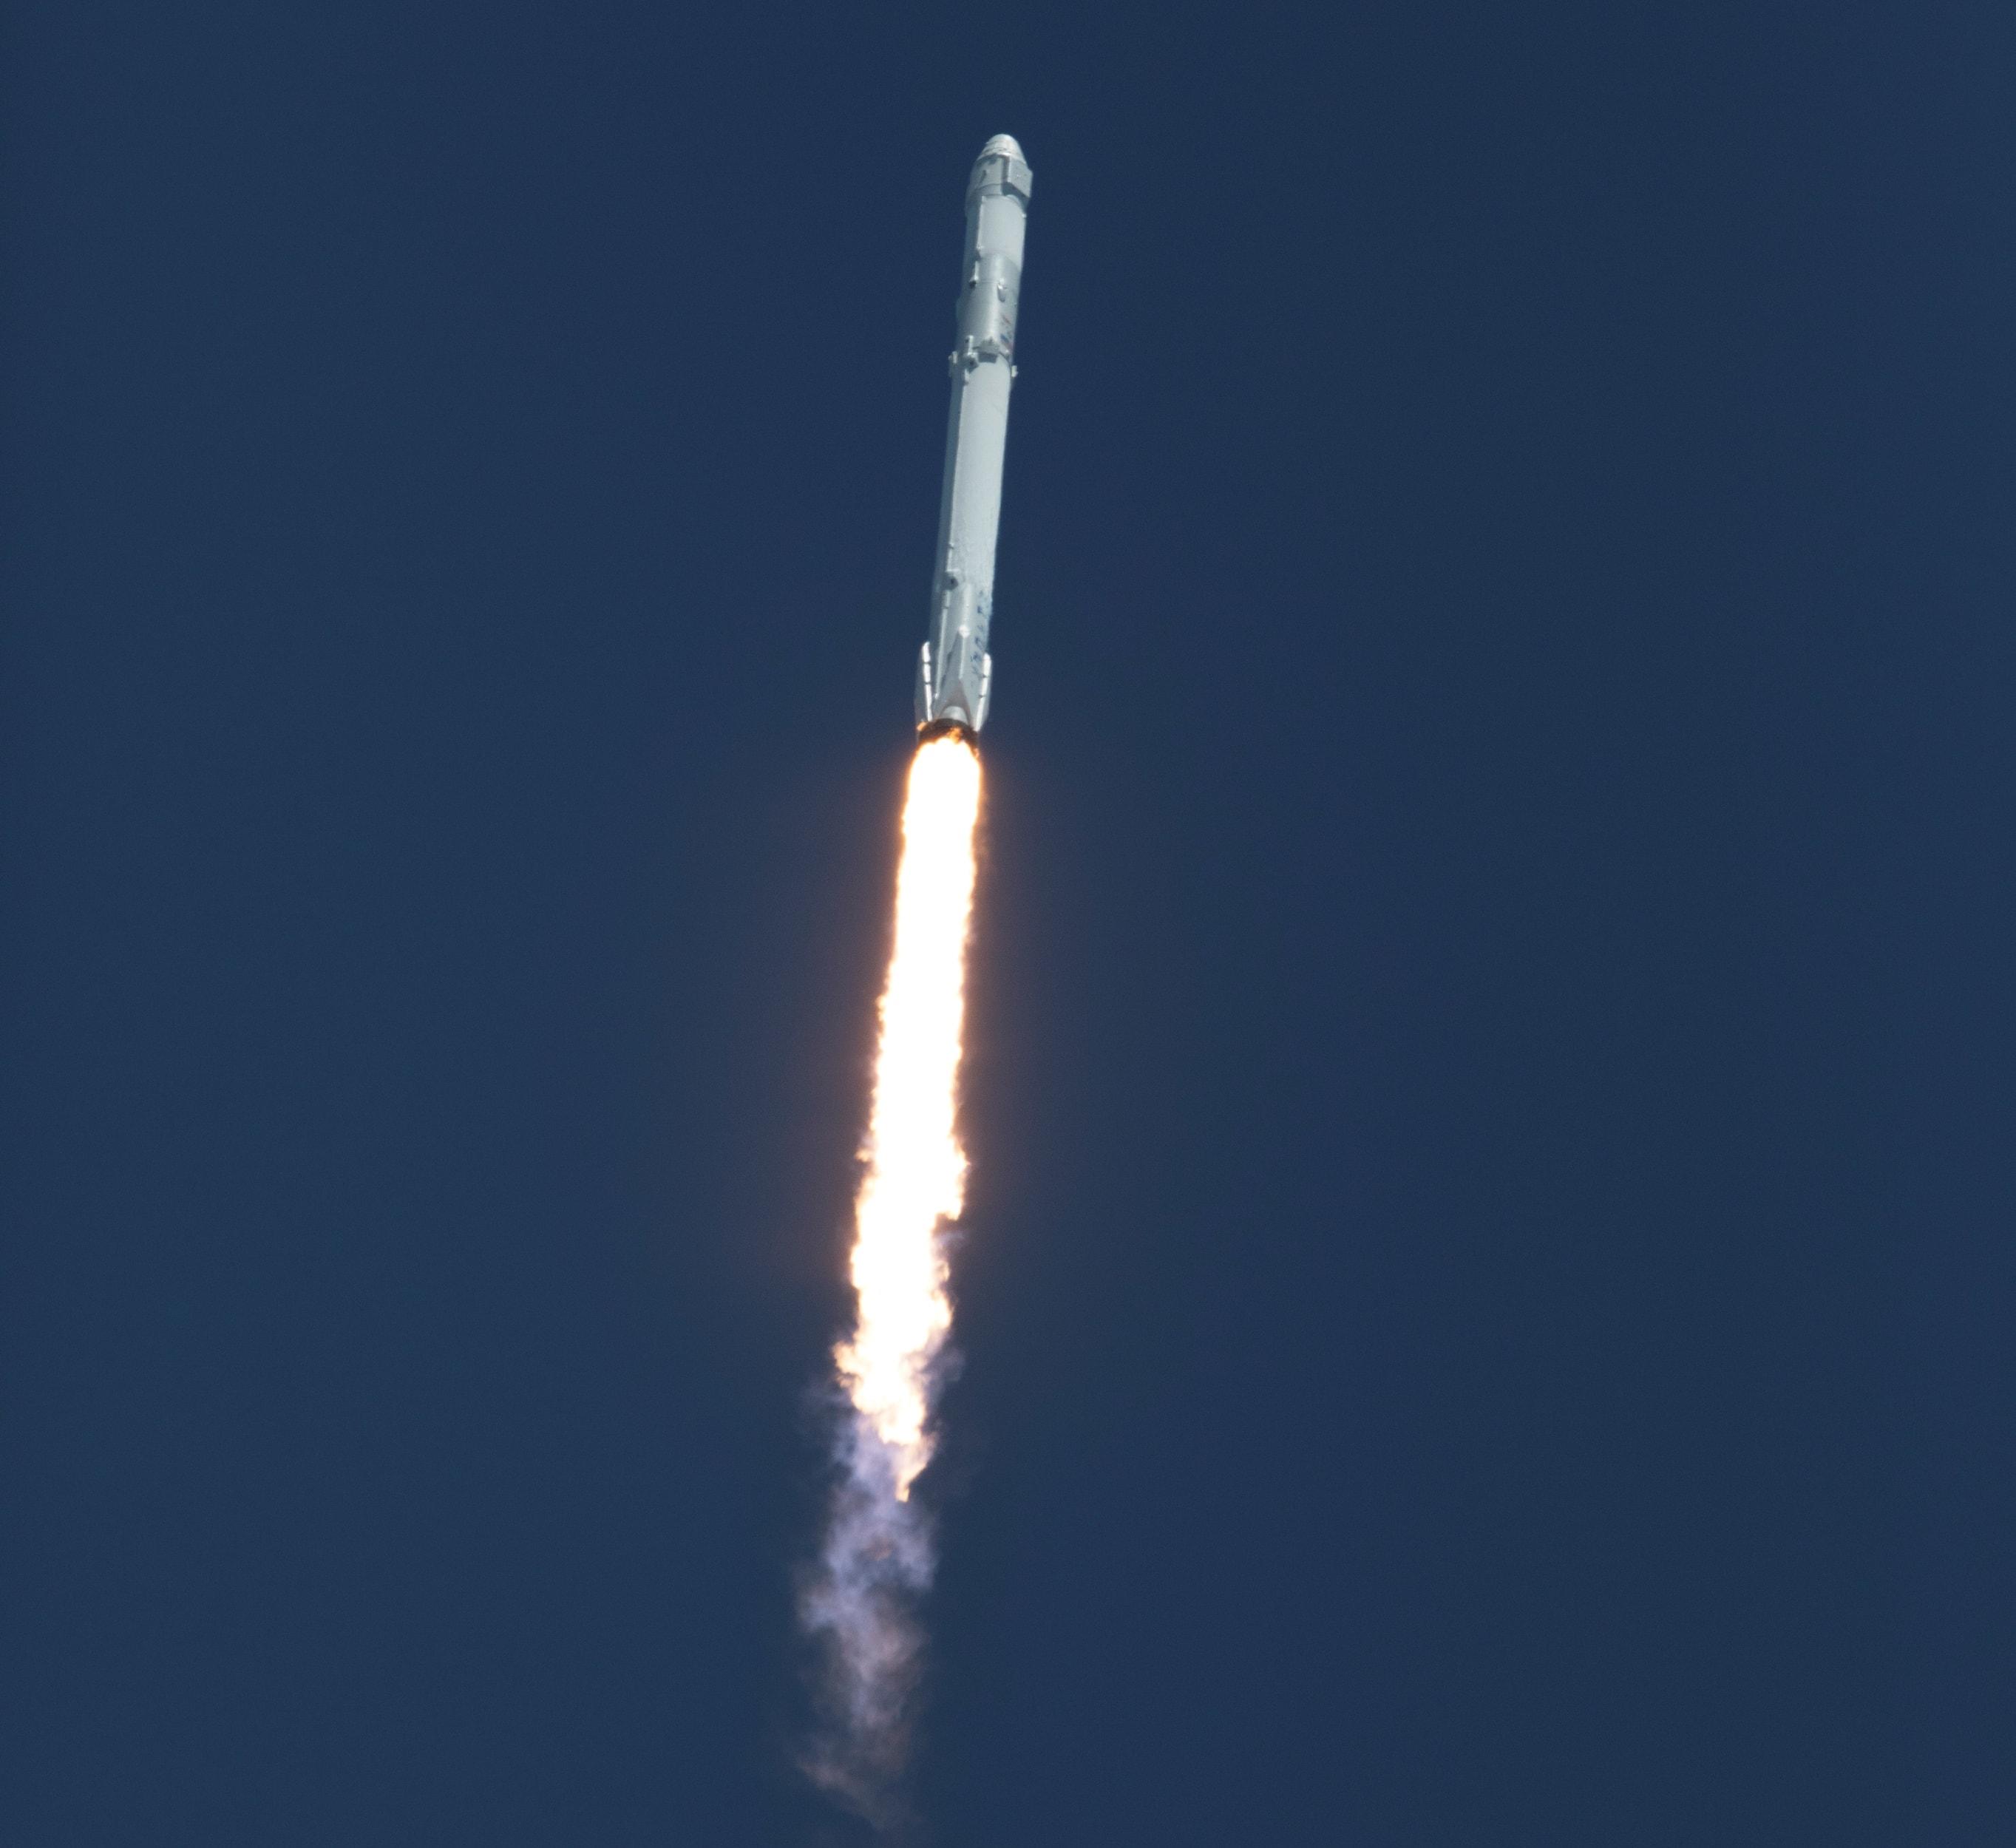 CRS-13_2 (NASA)